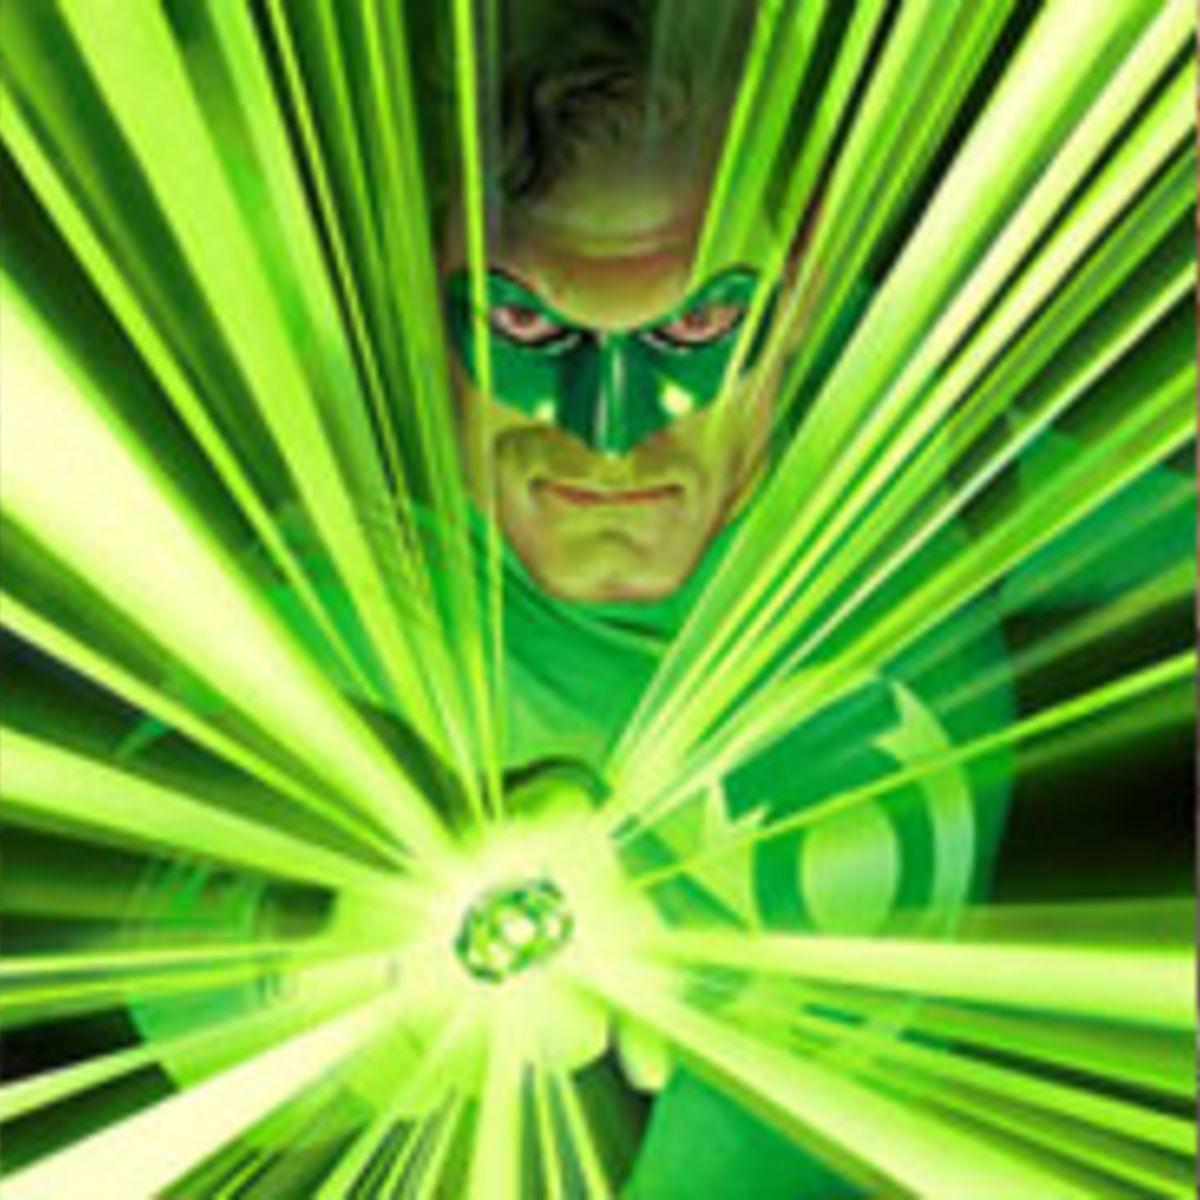 Superheroes070611.jpg